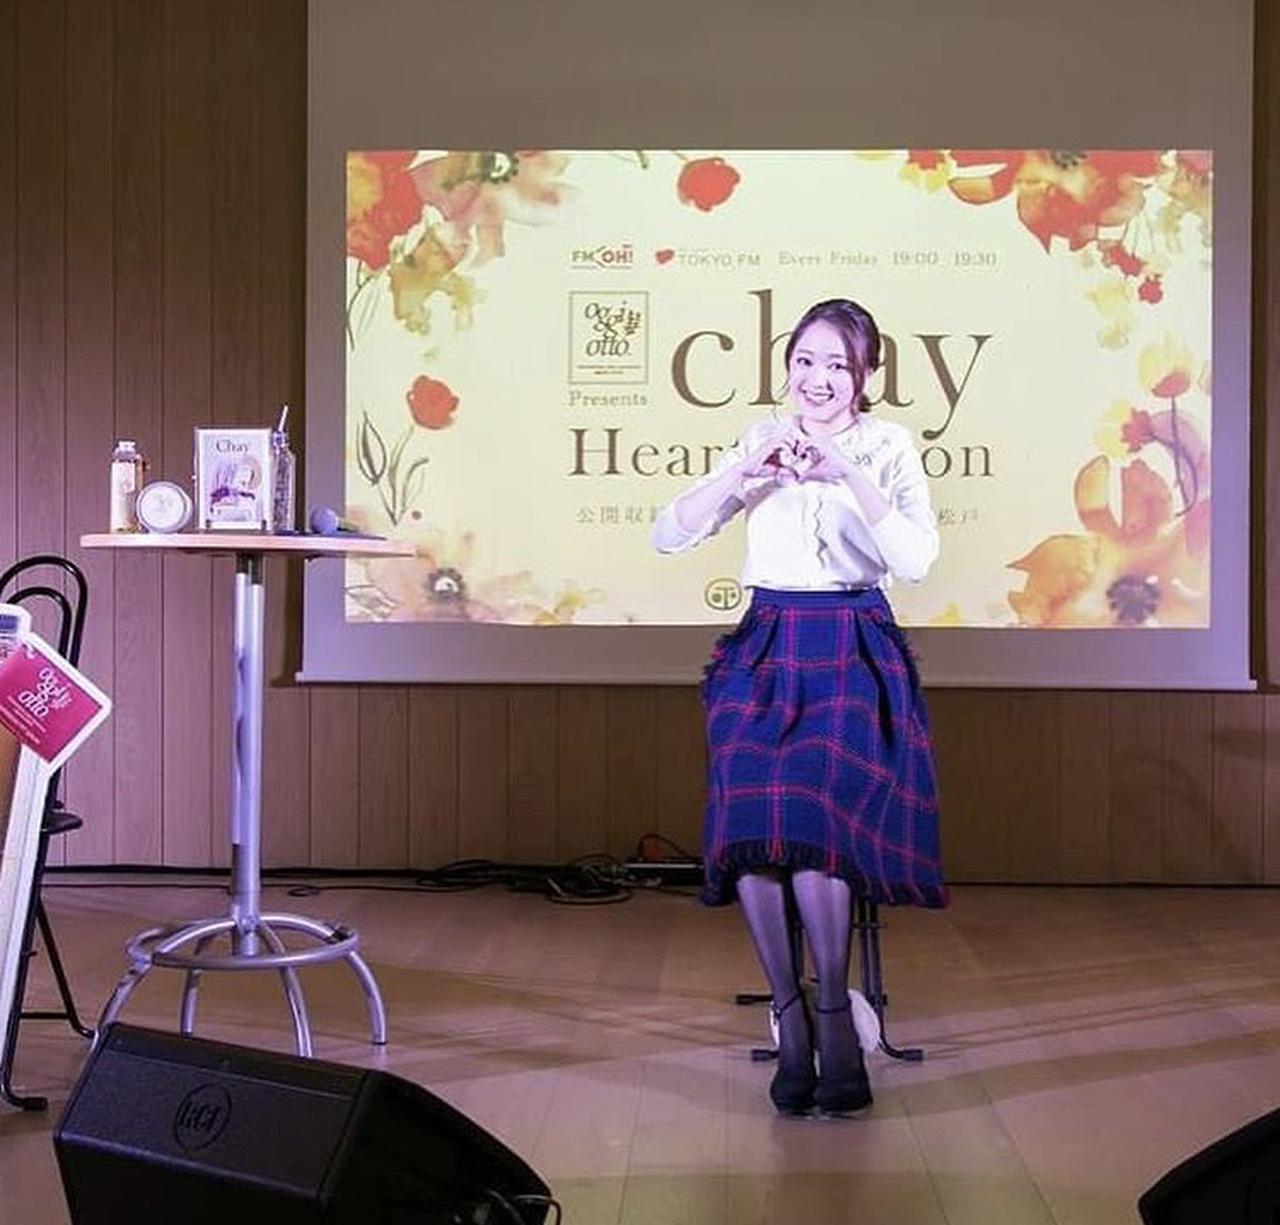 画像3: 12/20 oggi otto presents chay Heart Station♪